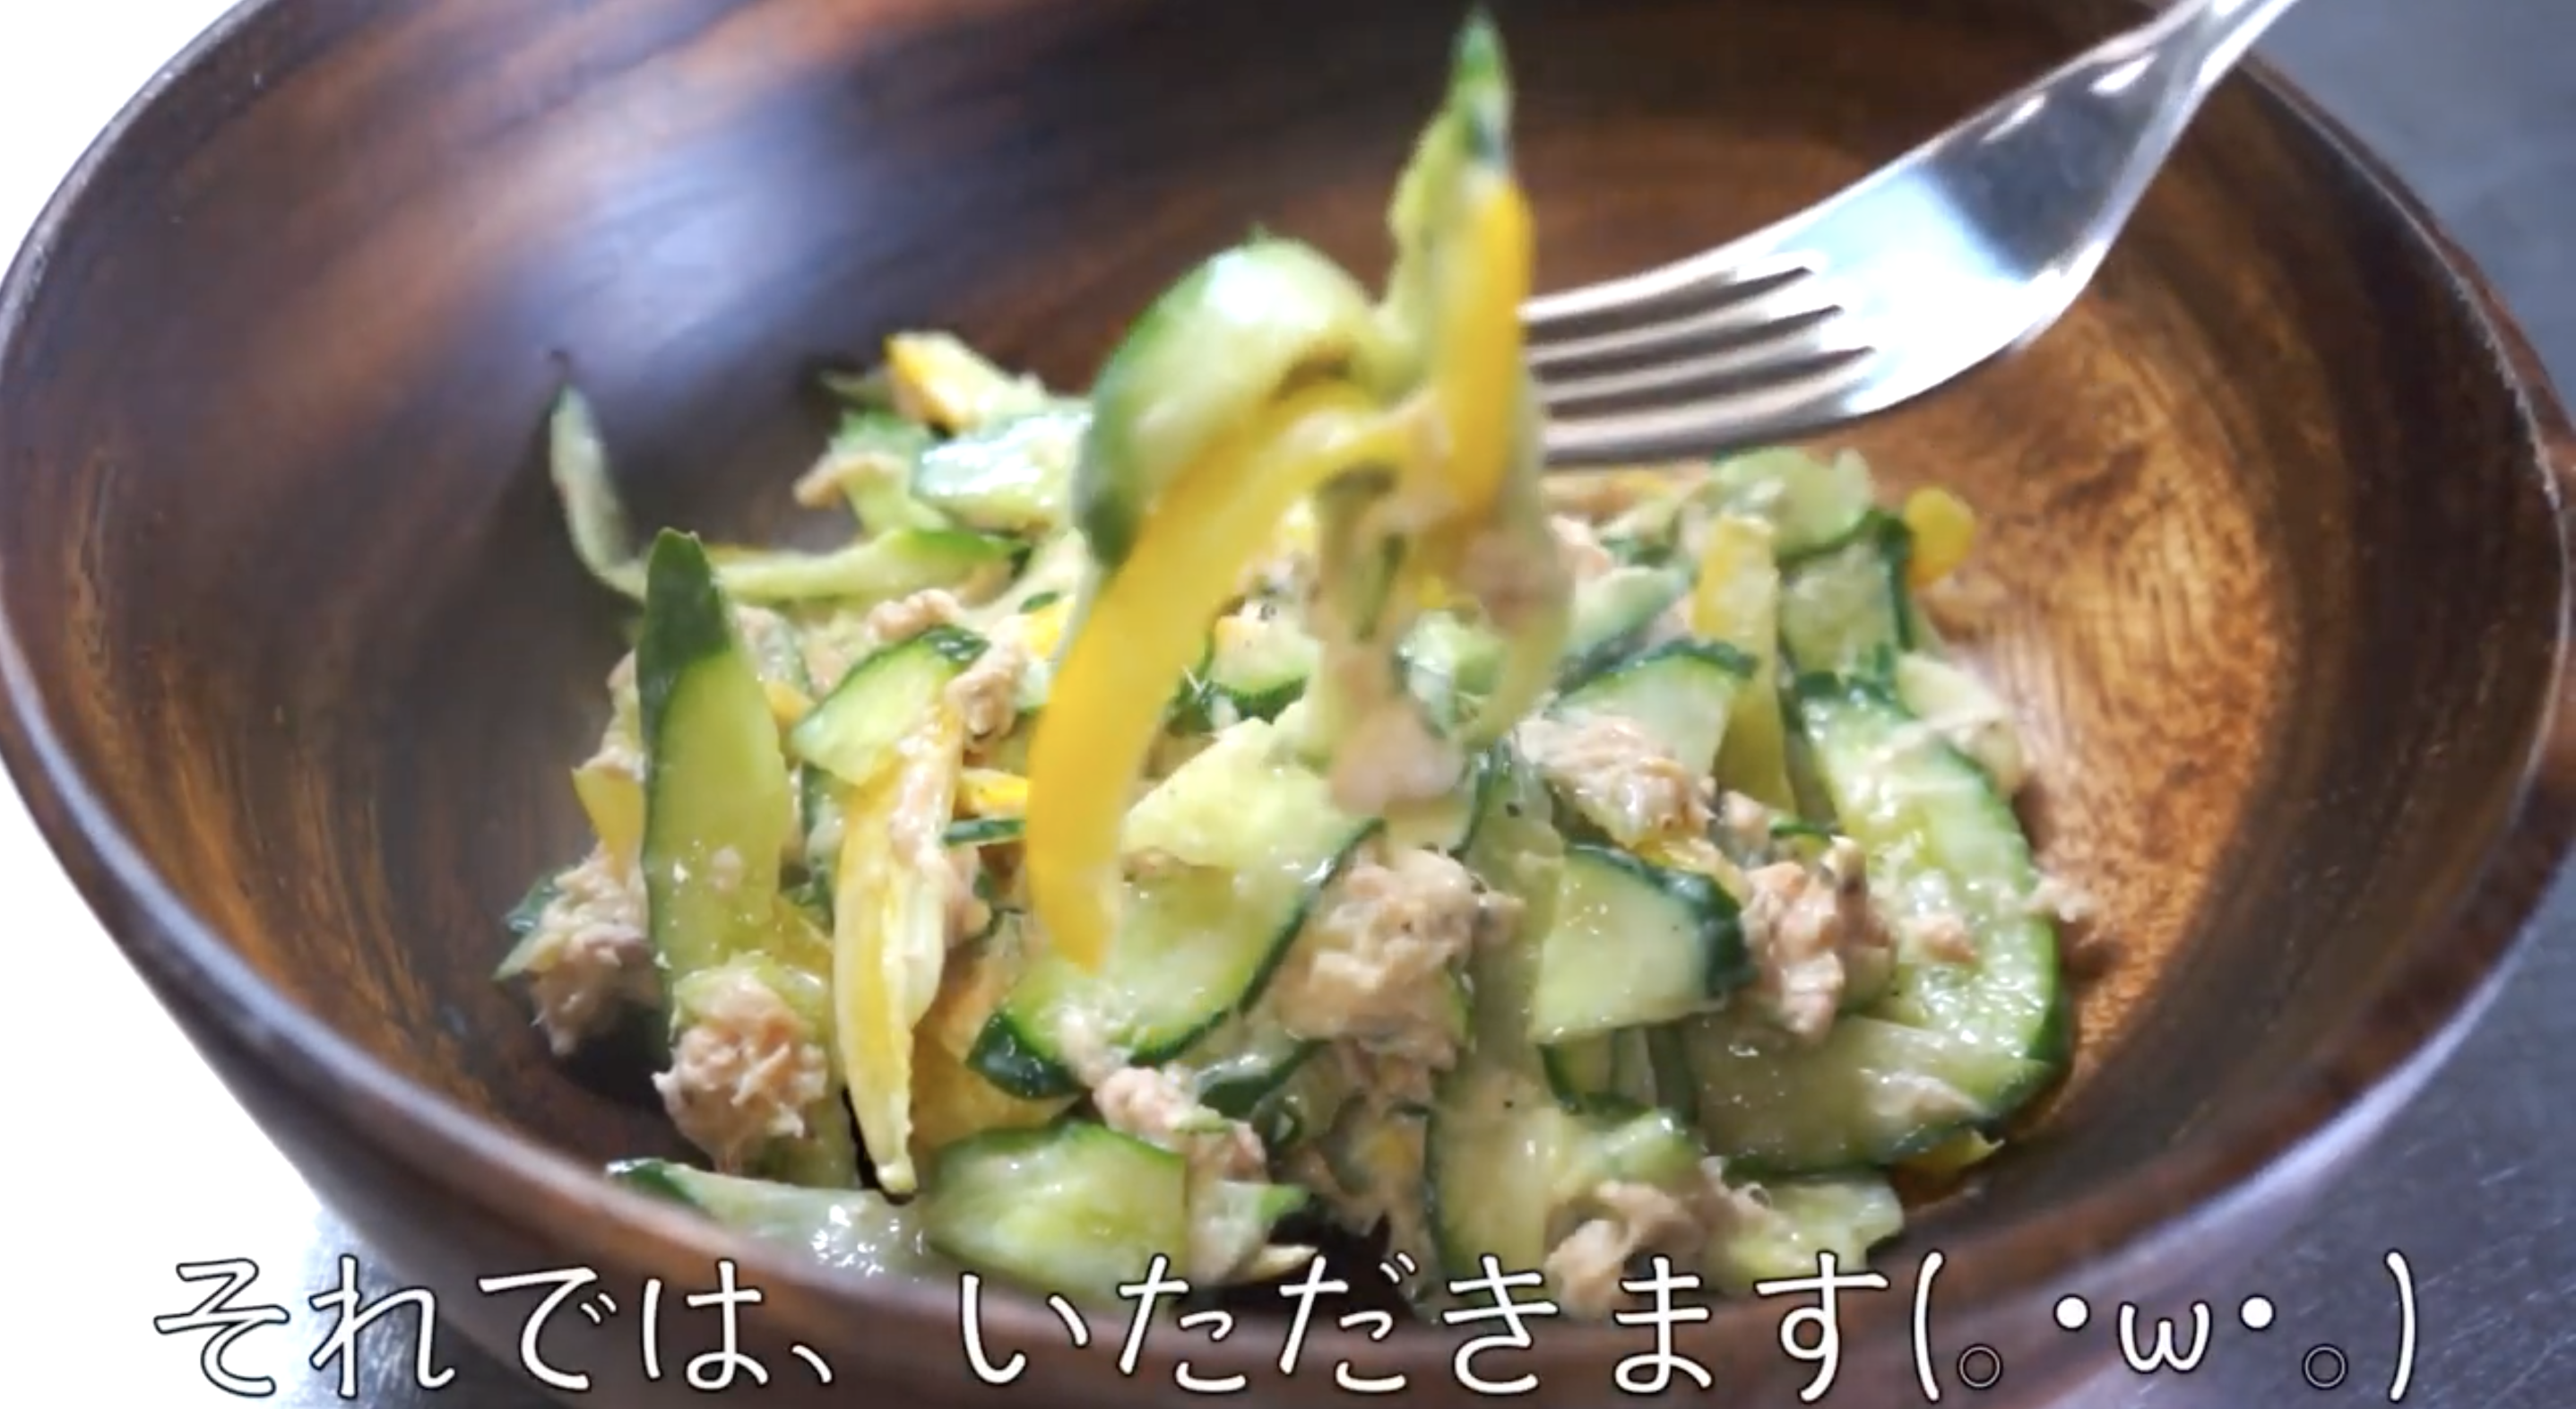 ツナマヨ 低糖質 ロカボ サラダ